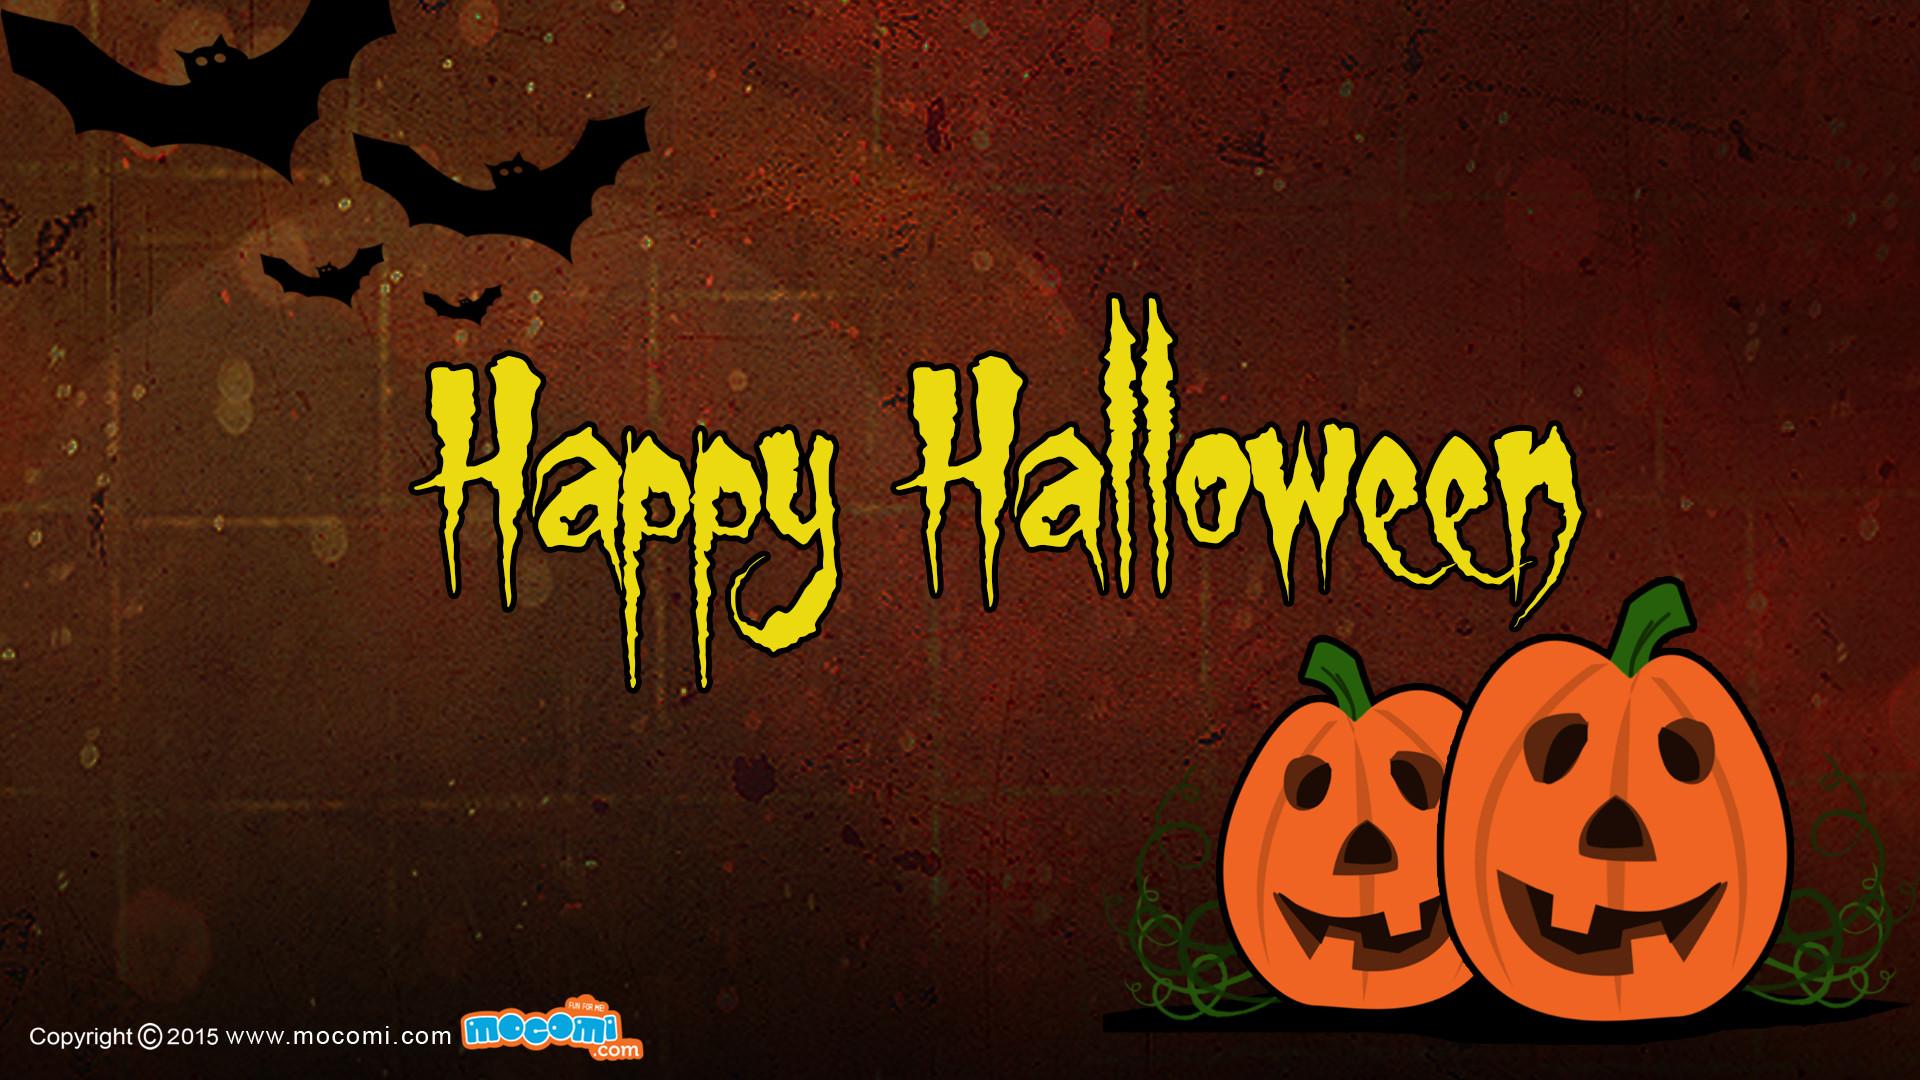 Happy Halloween Wallpaper – 02